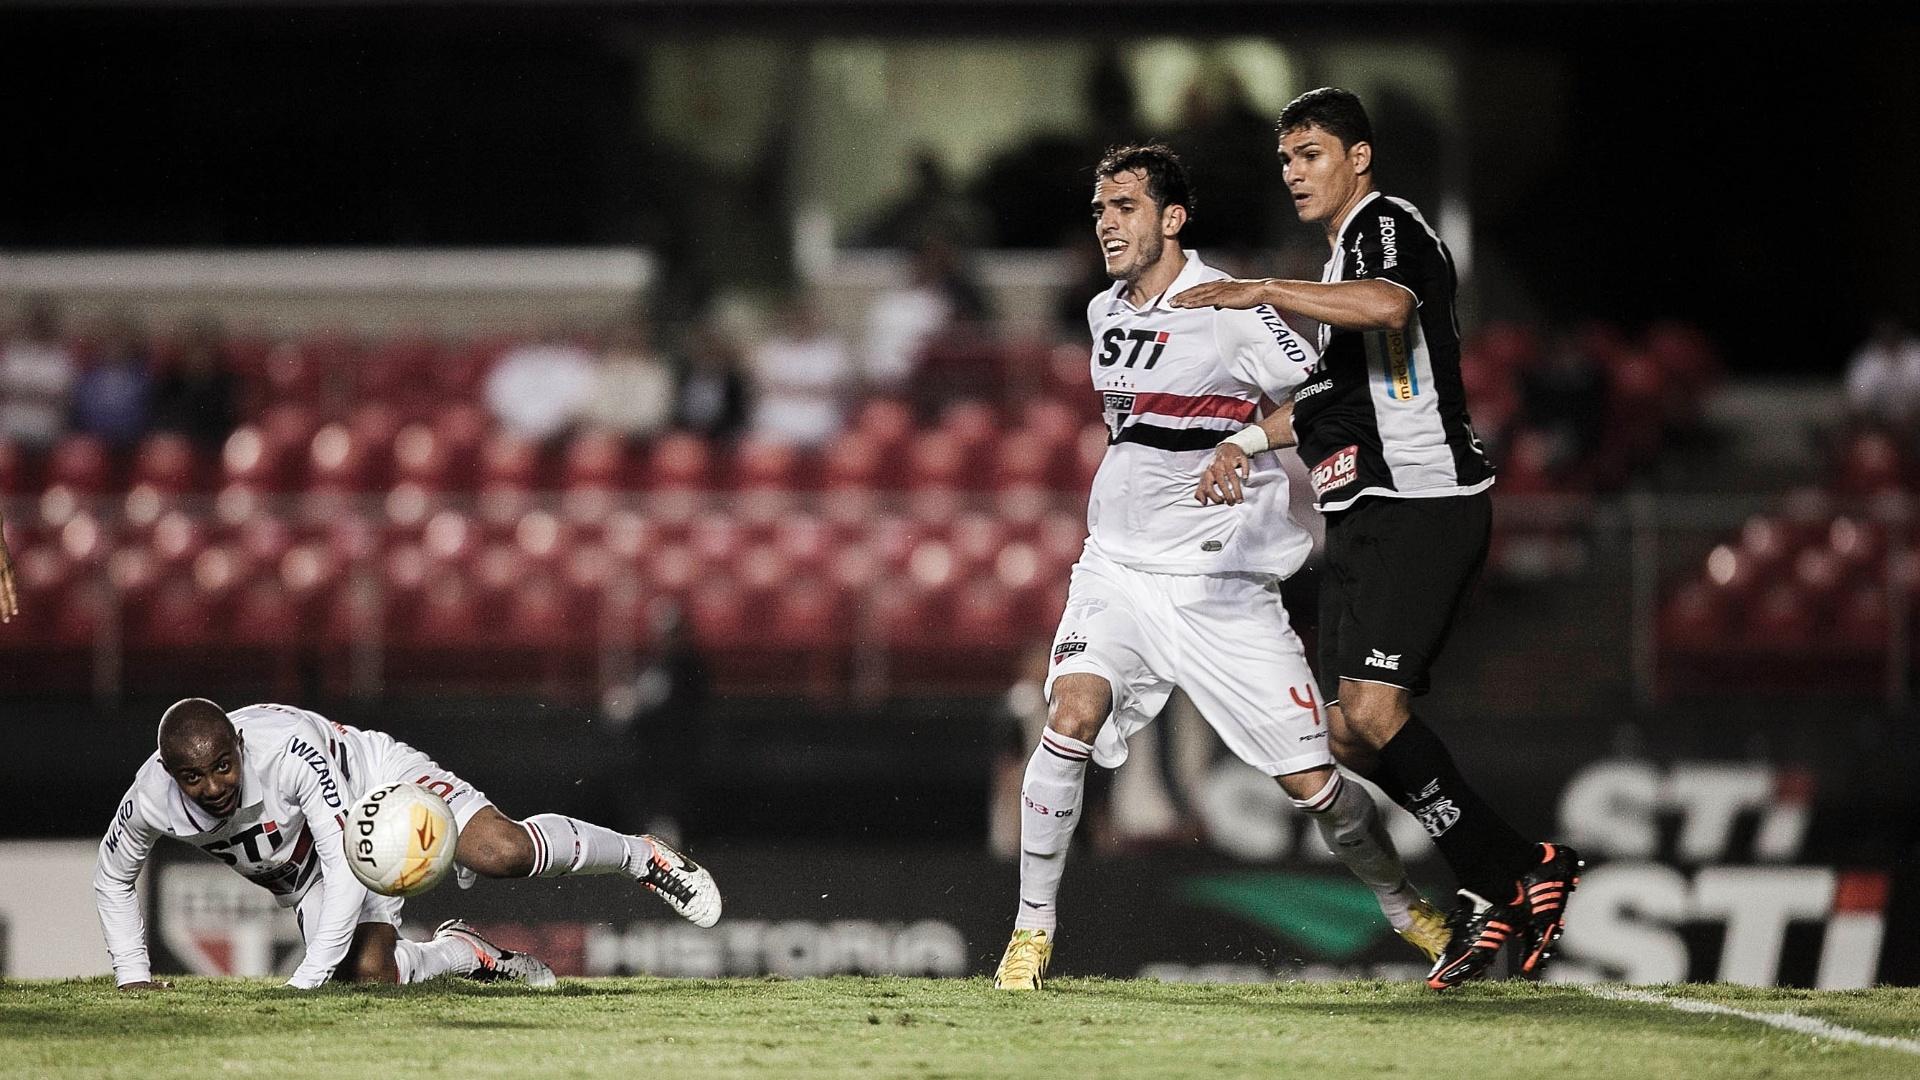 06.fev.2013 - Zagueiro Rhodolfo (dir), do São Paulo, tenta jogada durante a partida contra a Ponte Preta, pela sexta rodada do Paulistão